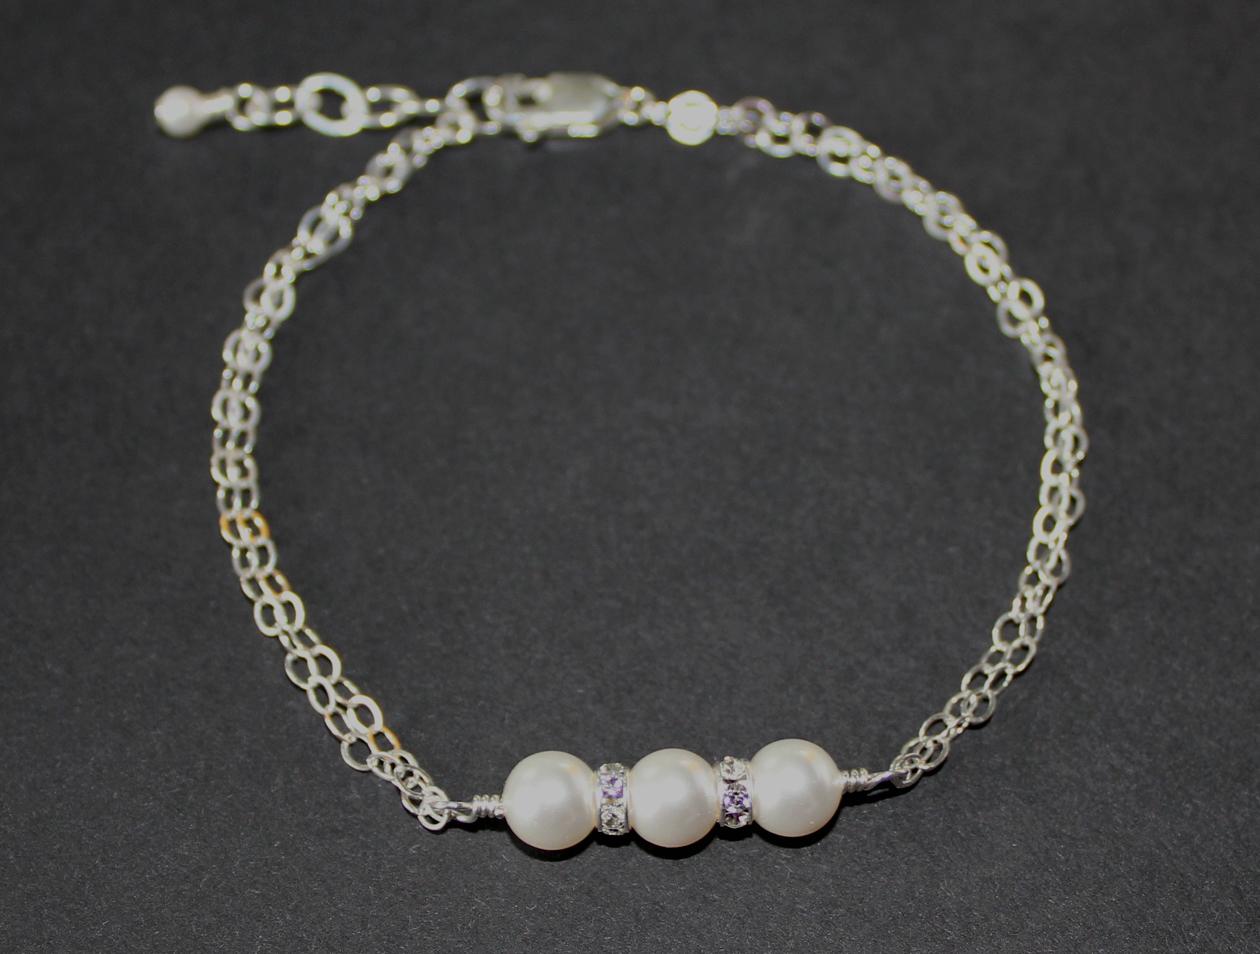 sterling silver swarovski pearl bridal bracelet felt. Black Bedroom Furniture Sets. Home Design Ideas